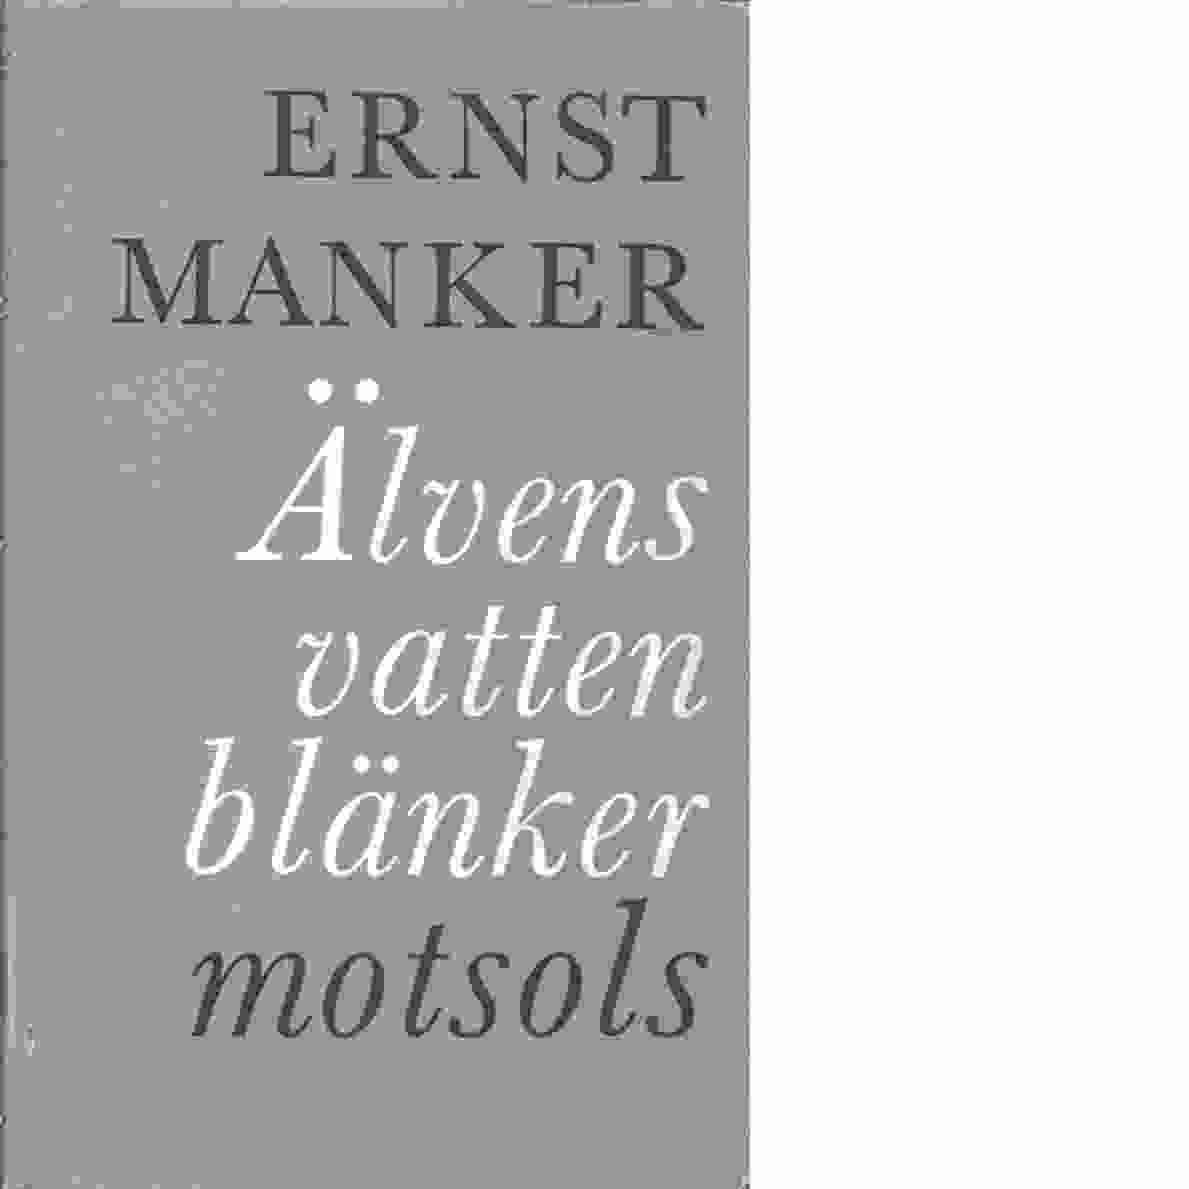 Älvens vatten blänker motsols - Manker, Ernst